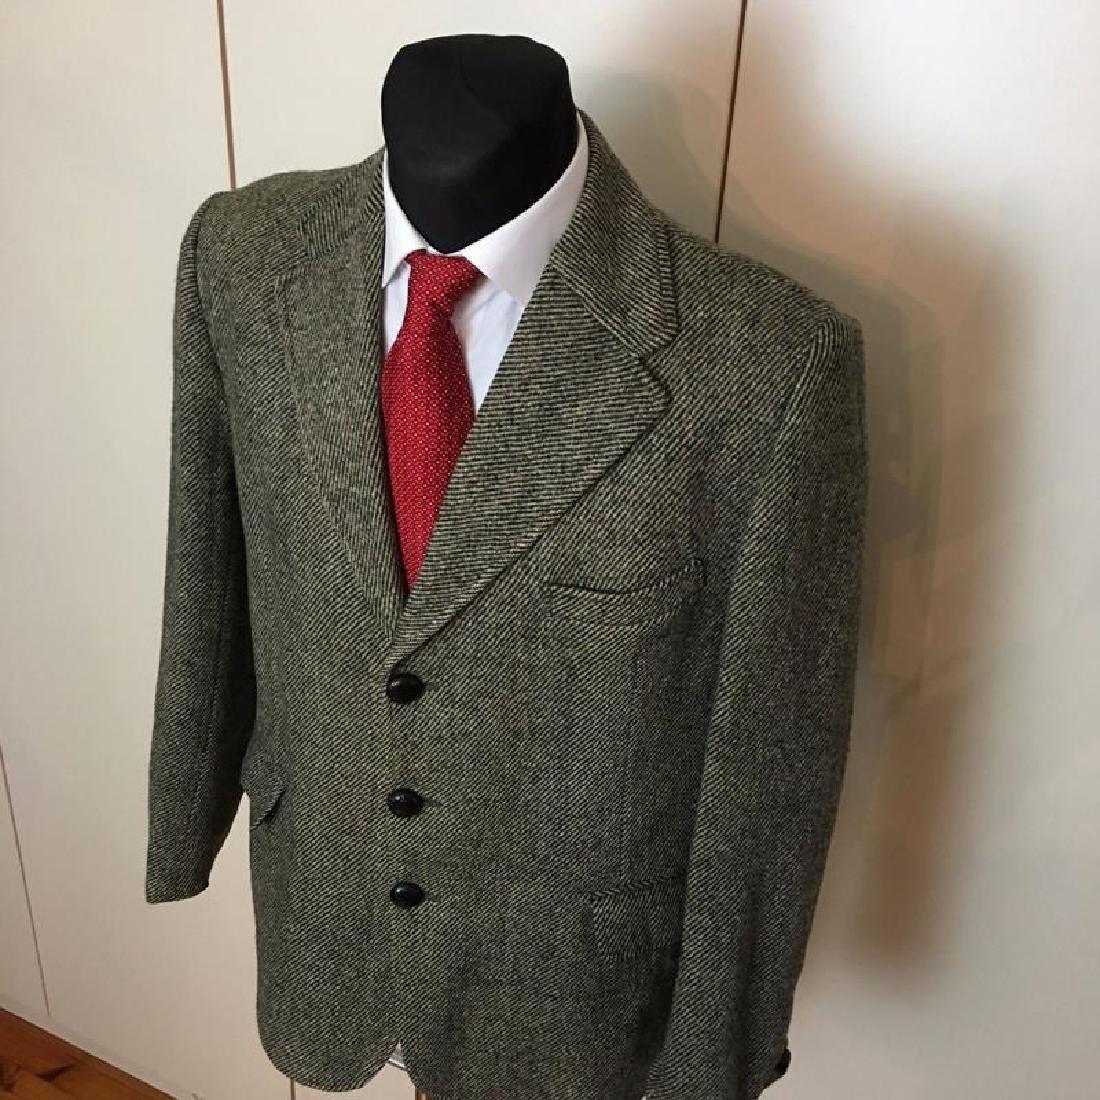 Men's Harris Tweed Handwoven Wool Blazer Jacket Size 50 - 2